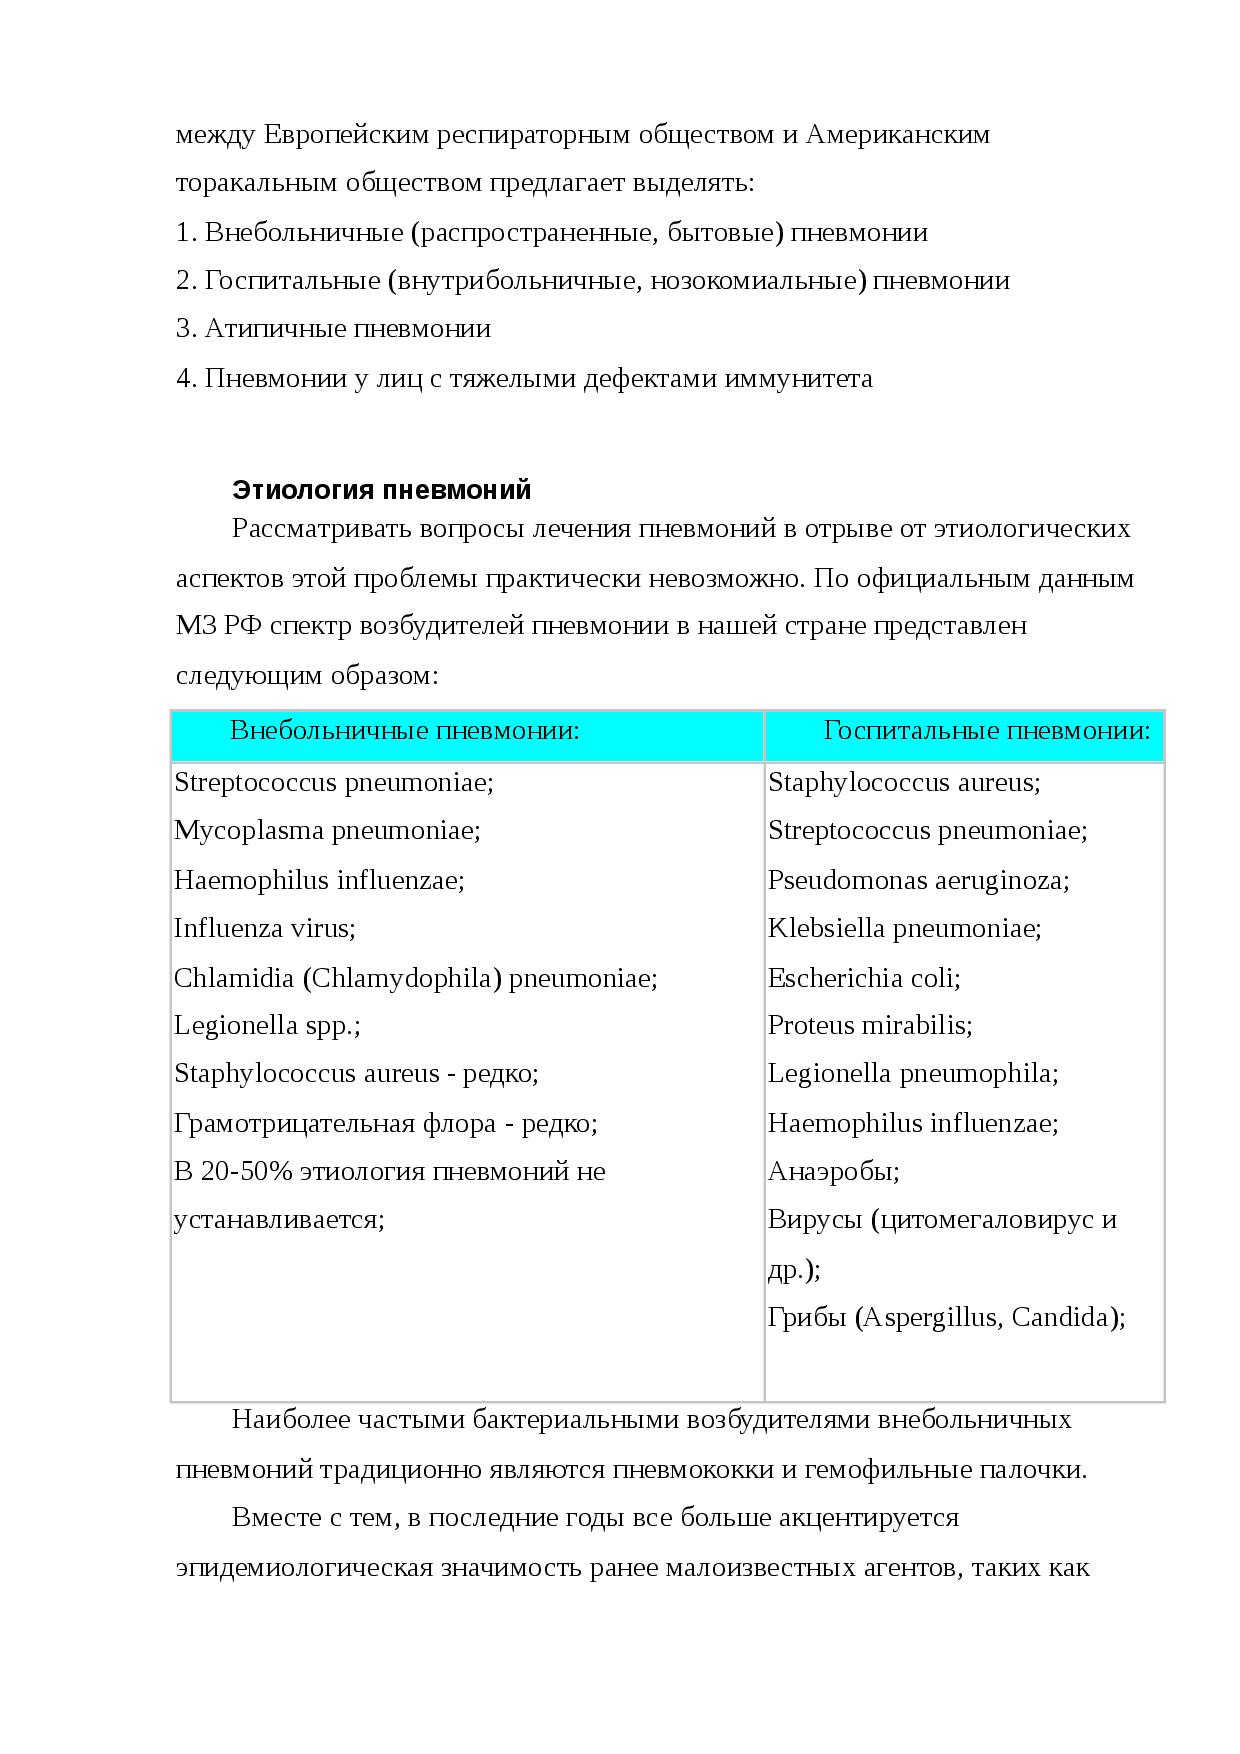 Как лечится внутрибольничная пневмония